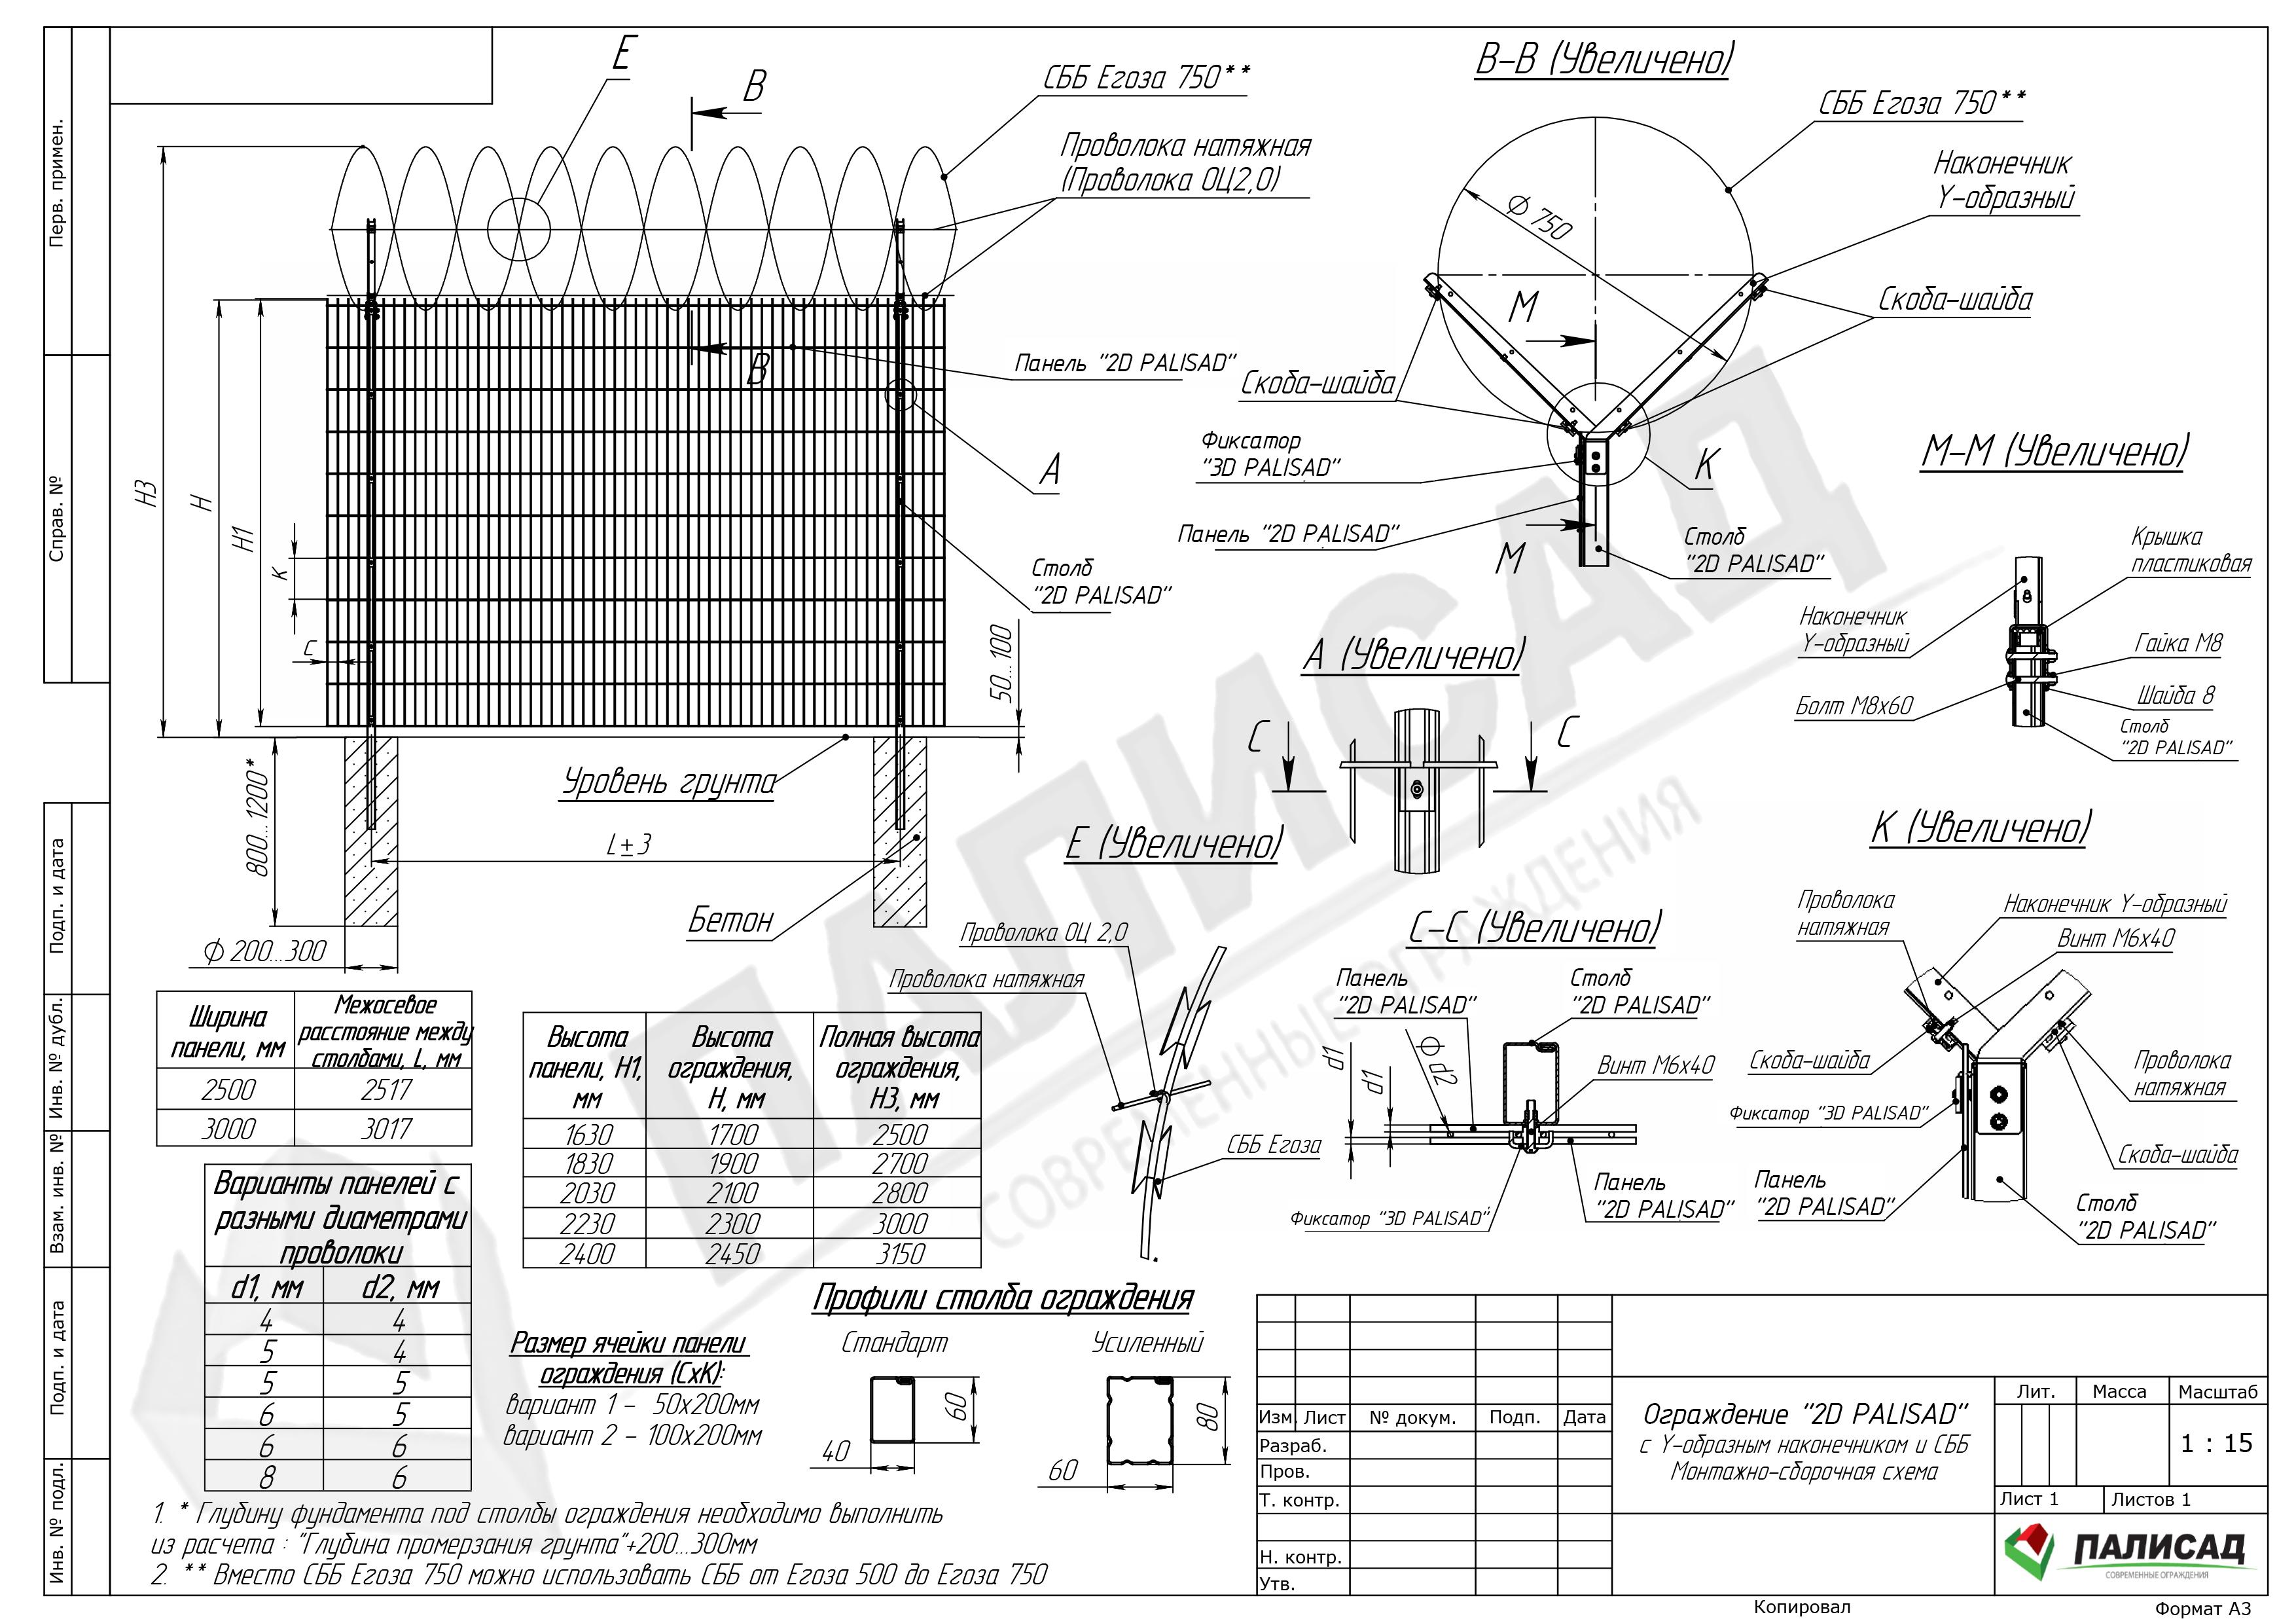 Пром-12-12-(ТОП_1,6-2,4-Ст-Y-СББ)(PDF)